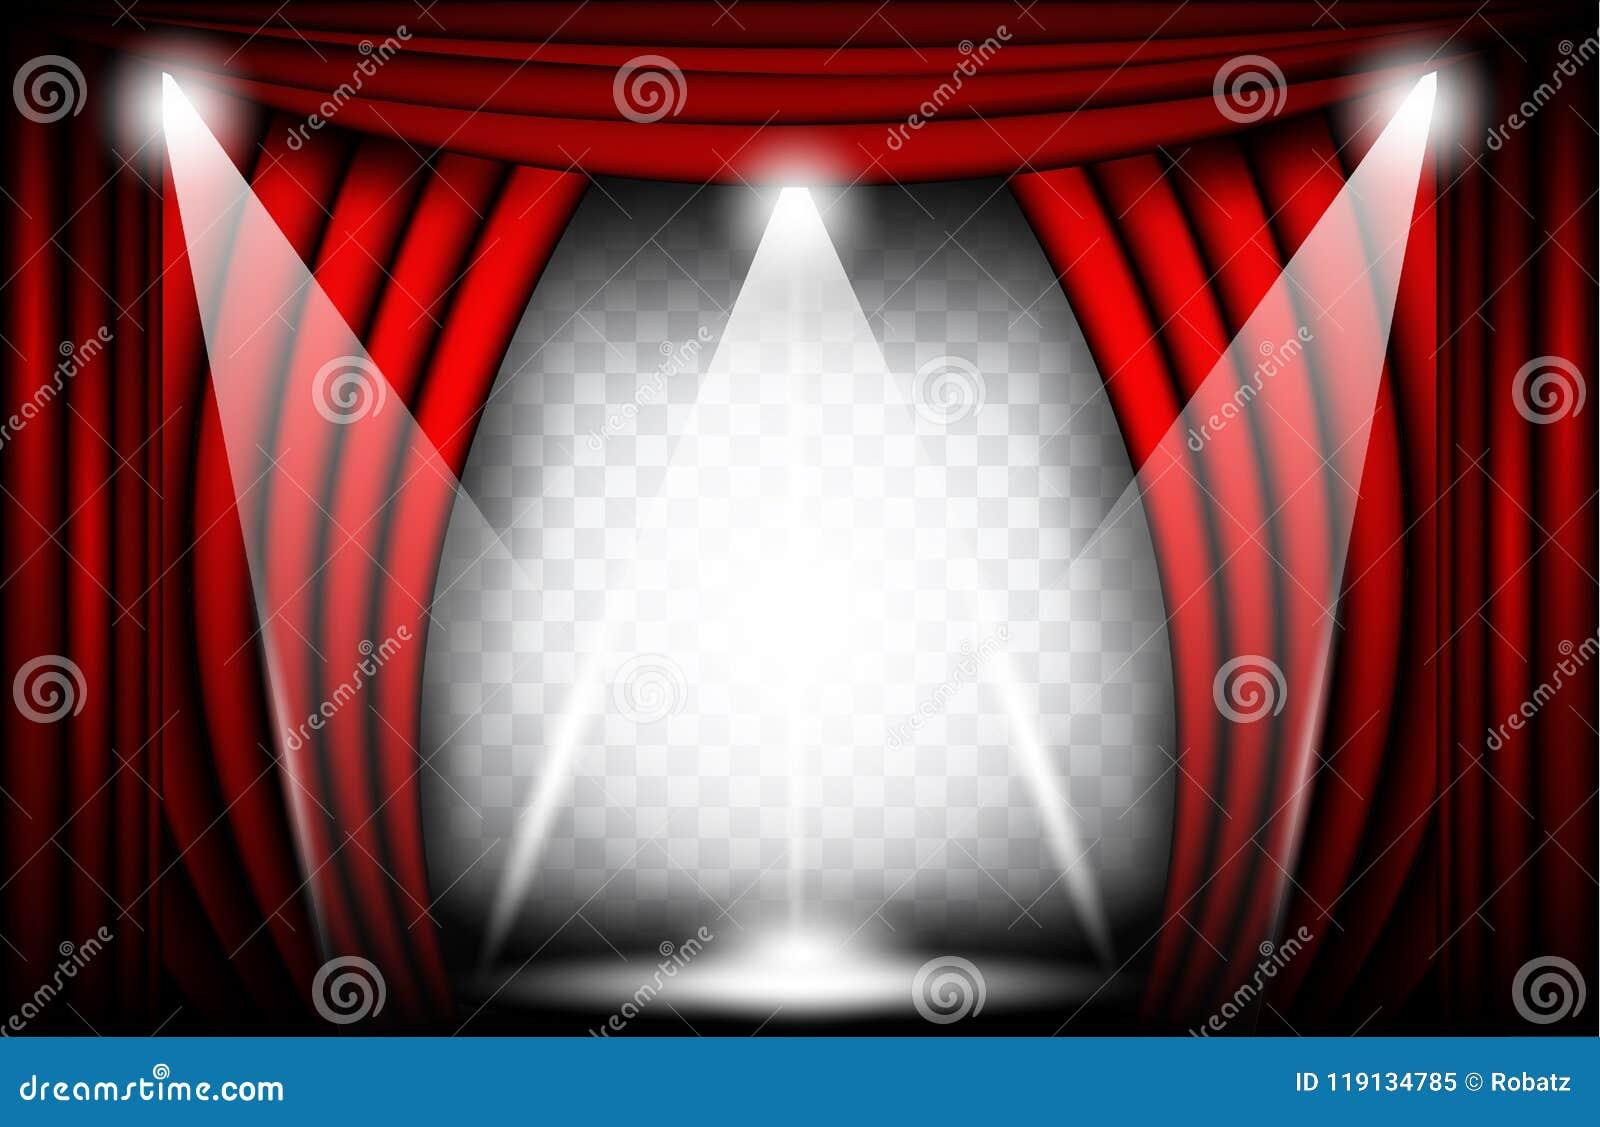 Vista cercana de una cortina roja del terciopelo Ejemplo del vector del fondo del teatro, etapa de Teathre con los proyectores